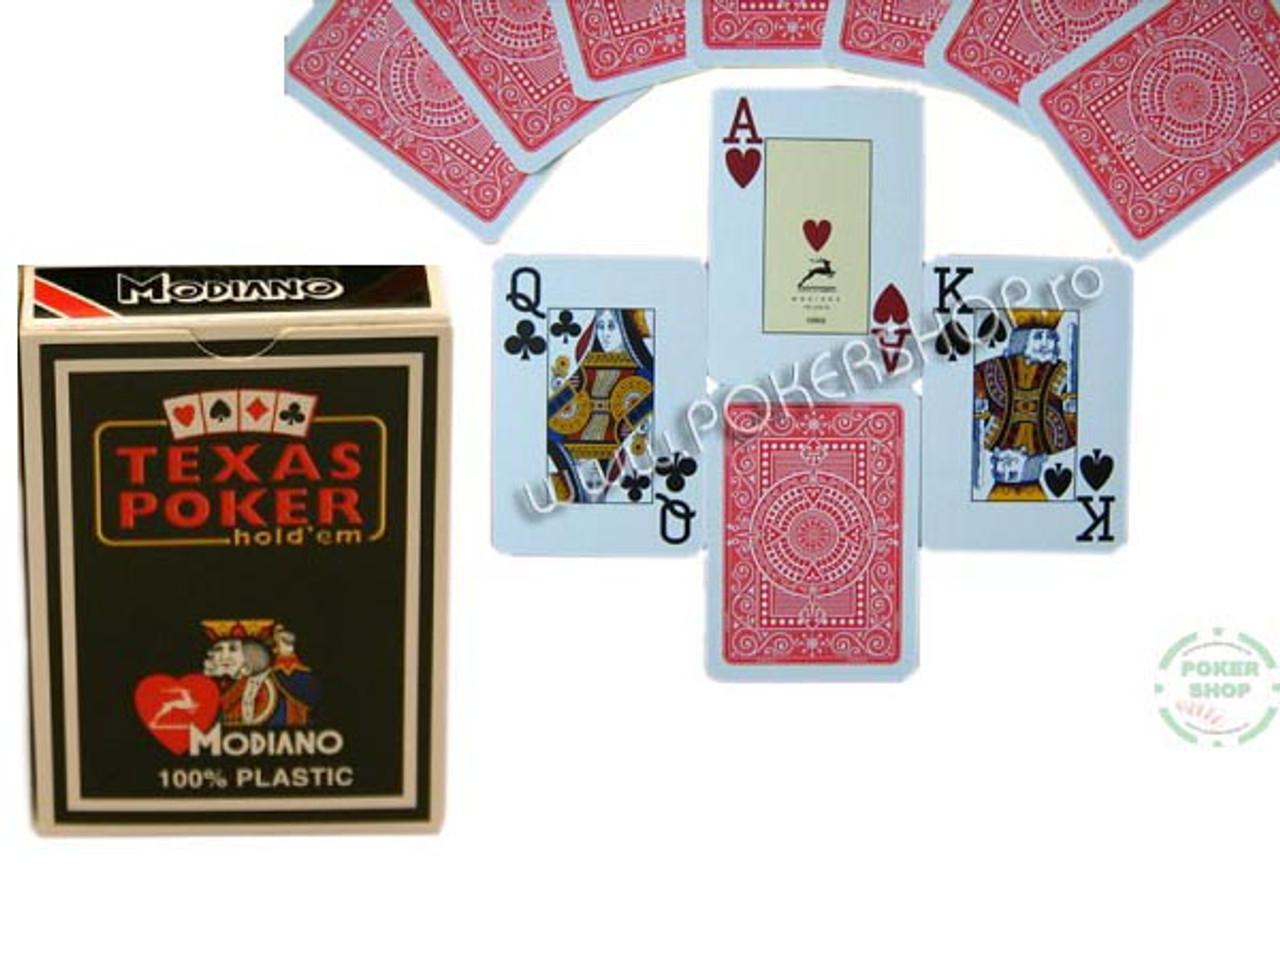 Carti de Texas Holdem 100% plastic, cu index mare rosu